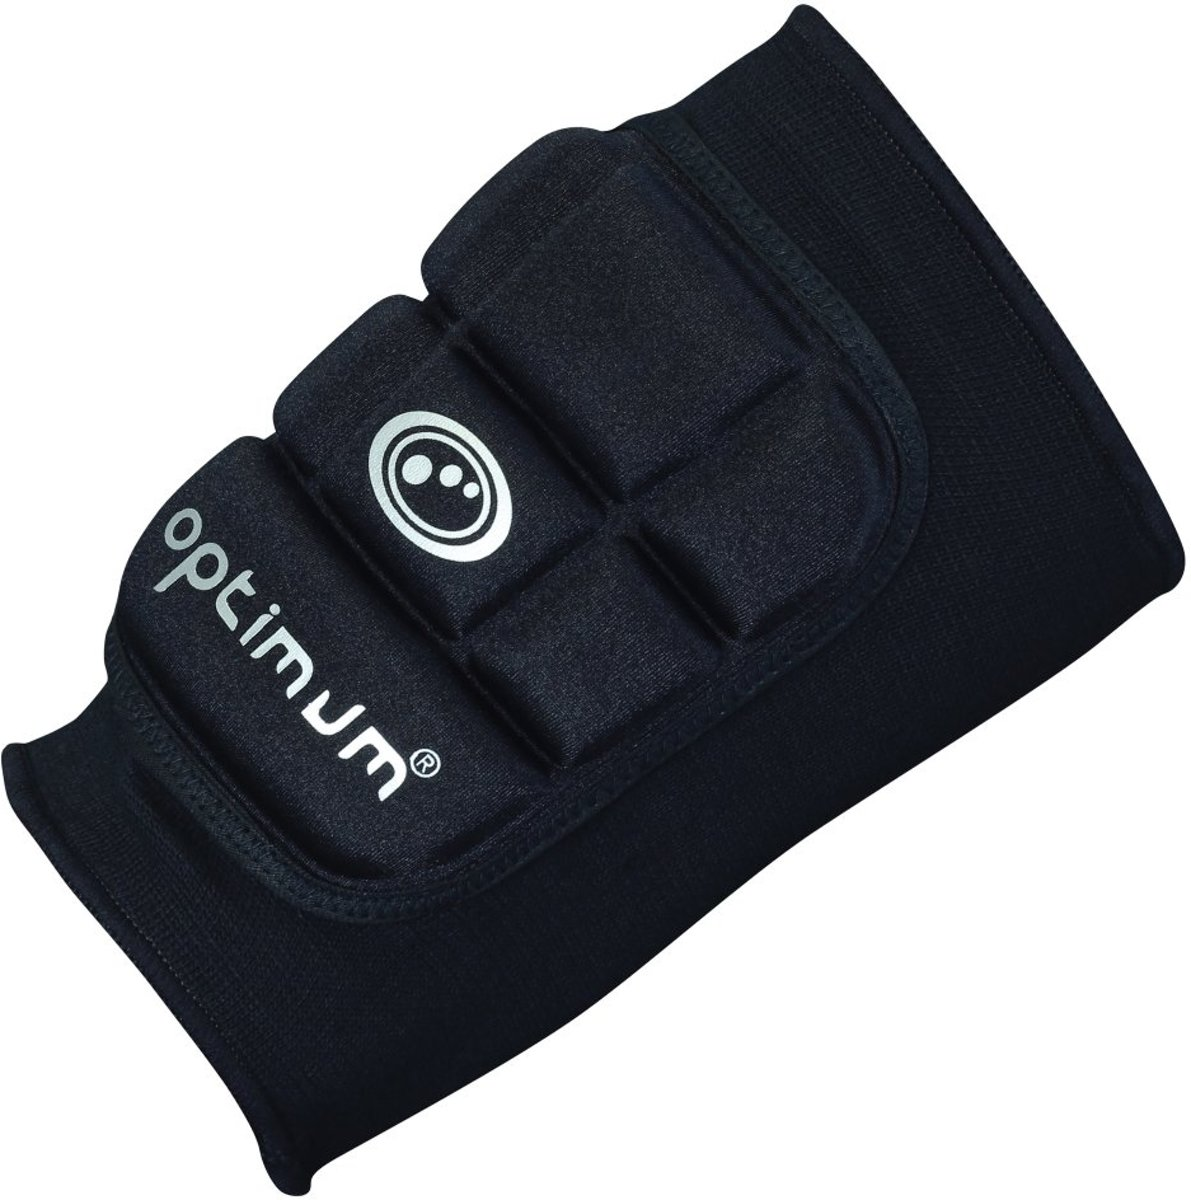 Optimum Biceps bescherming - maat M kopen